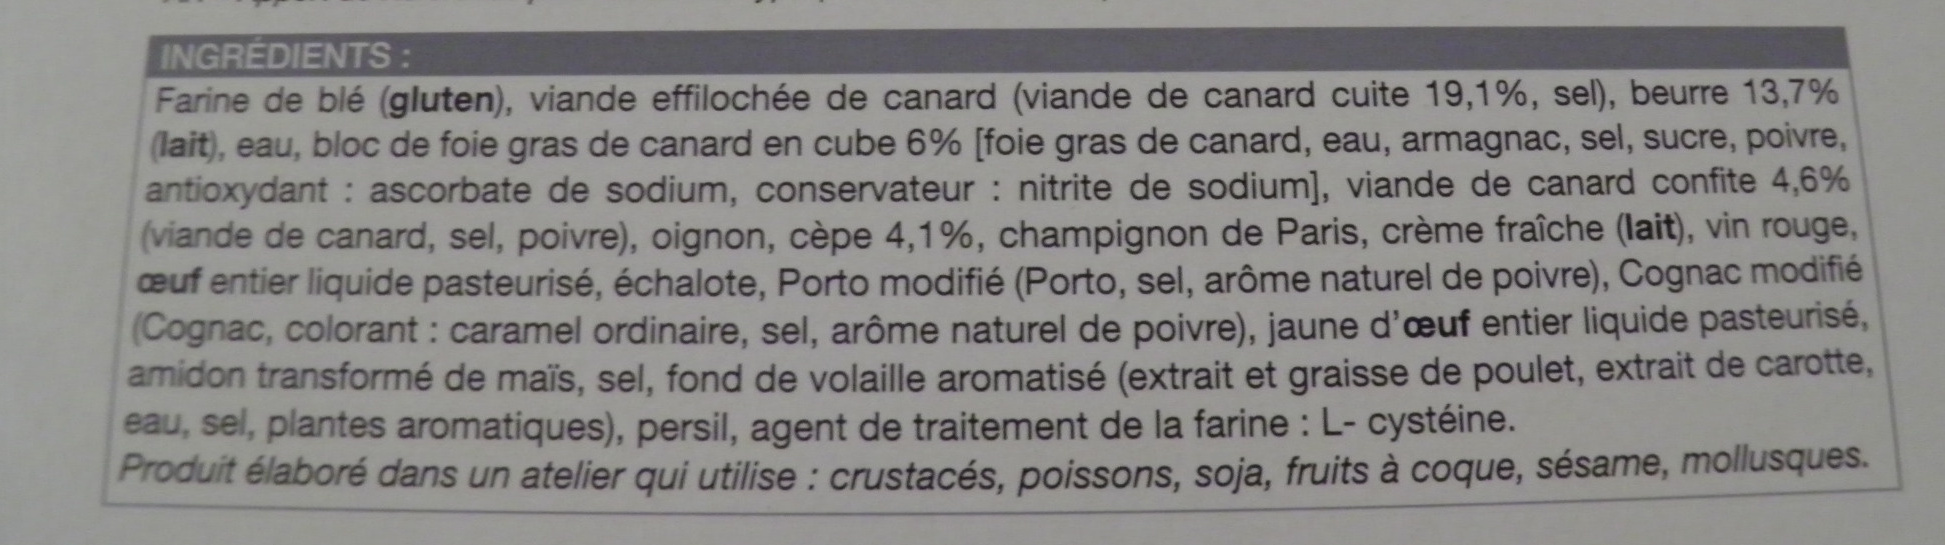 Tourte canard, cèpes, bloc de foie gras de canard - surgelée 450 g - Ingrédients